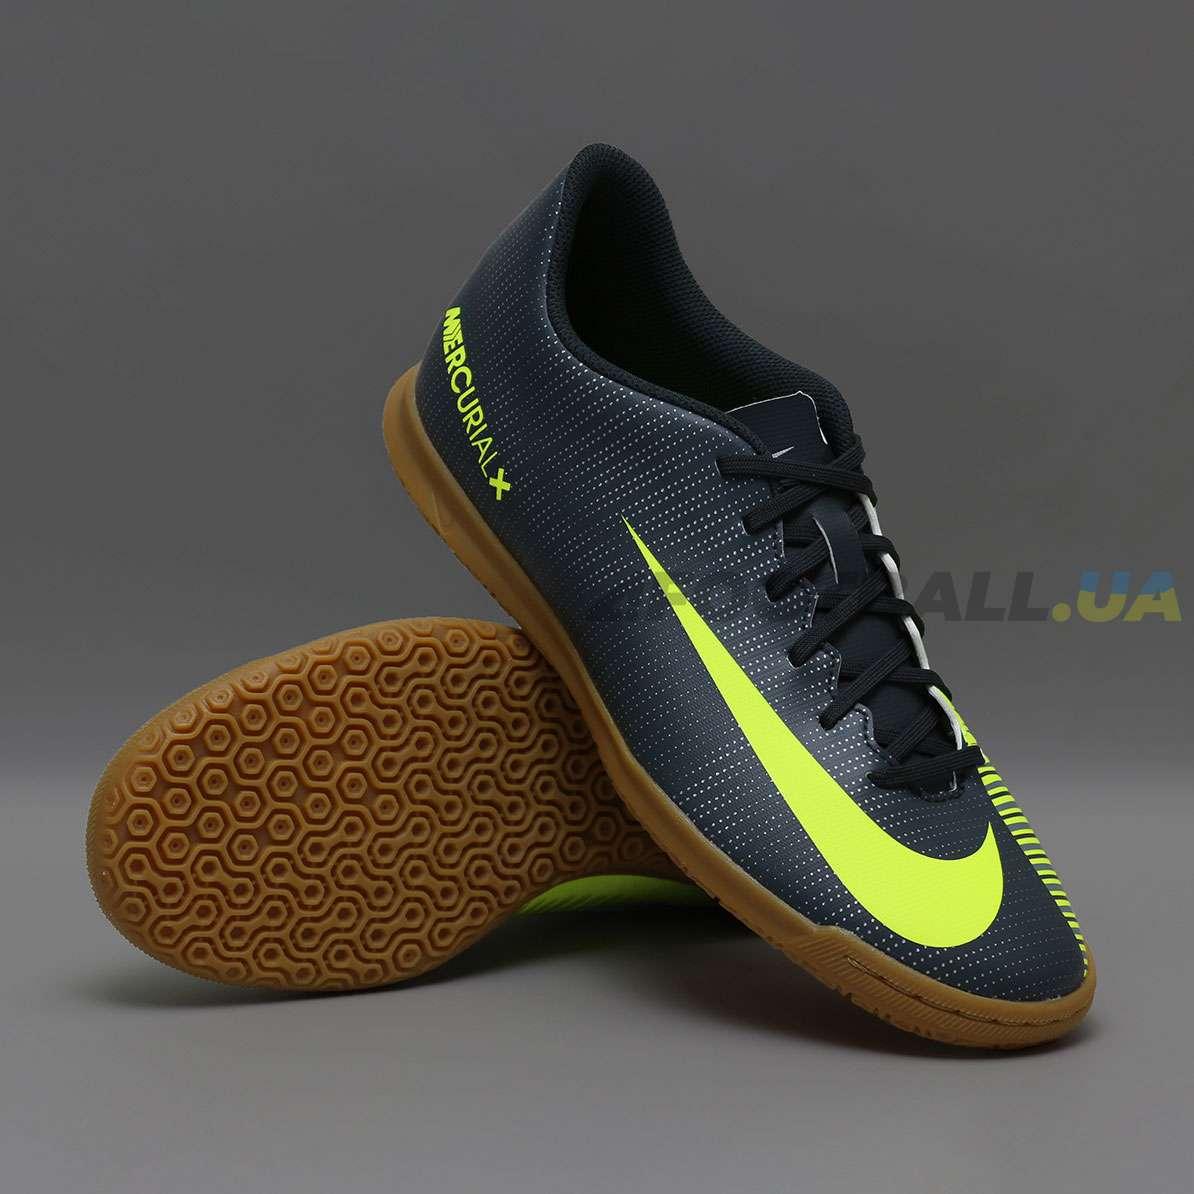 🥇 Футзалки Nike Mercurial — купить обувь бутсы для футзала Найк ... 32622deaefcba